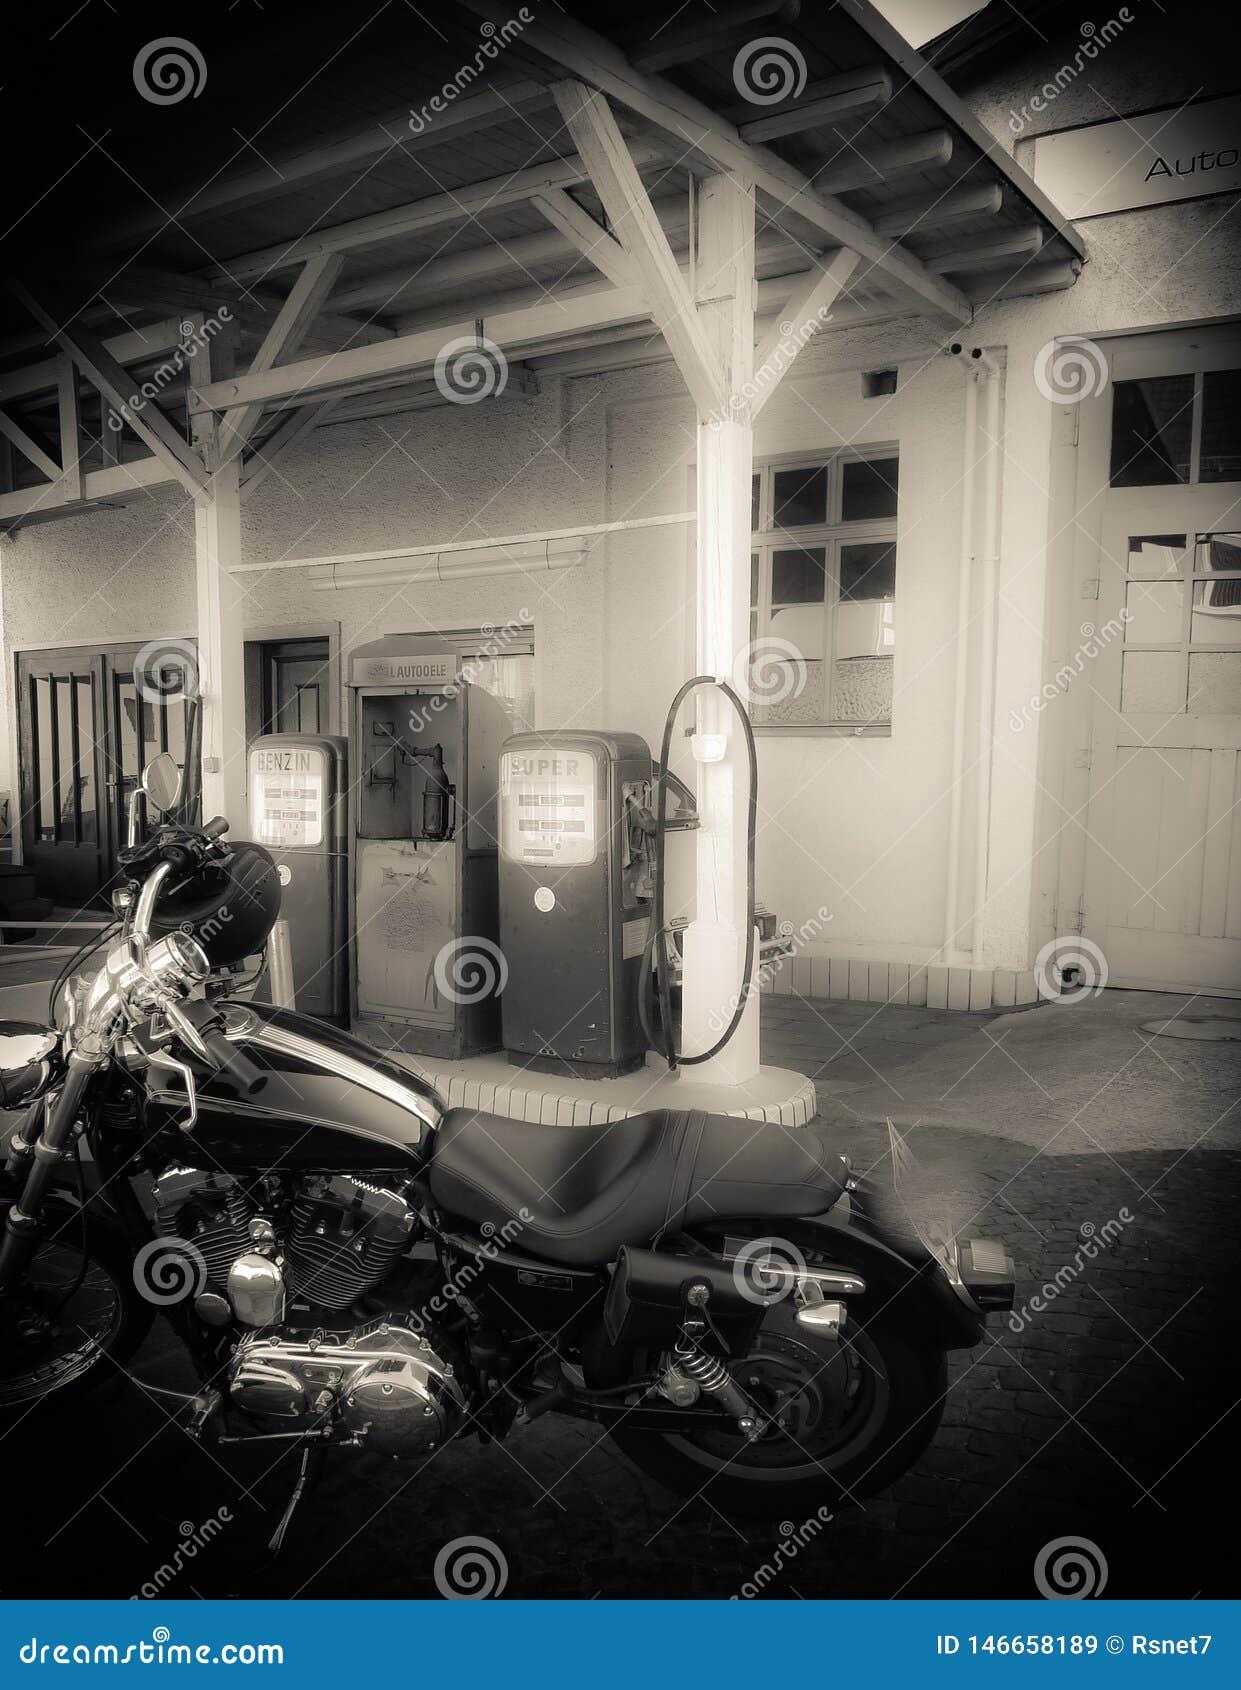 Μοτοσικλέτα μπροστά από το παλαιό βενζινάδικο